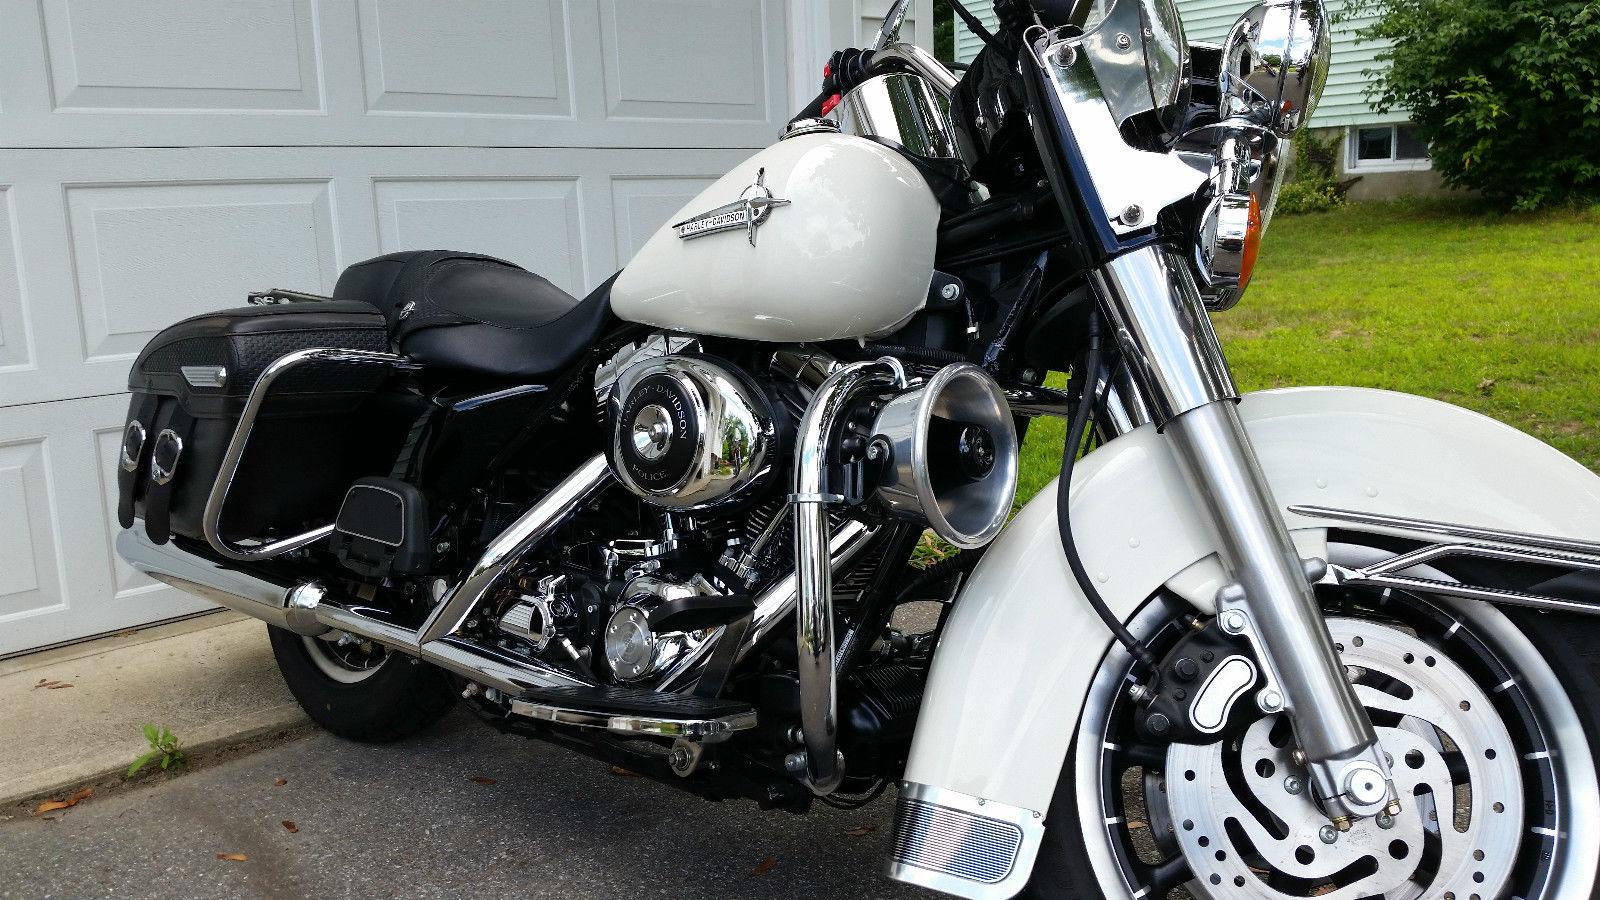 2000 Harley Davidson Police Road King